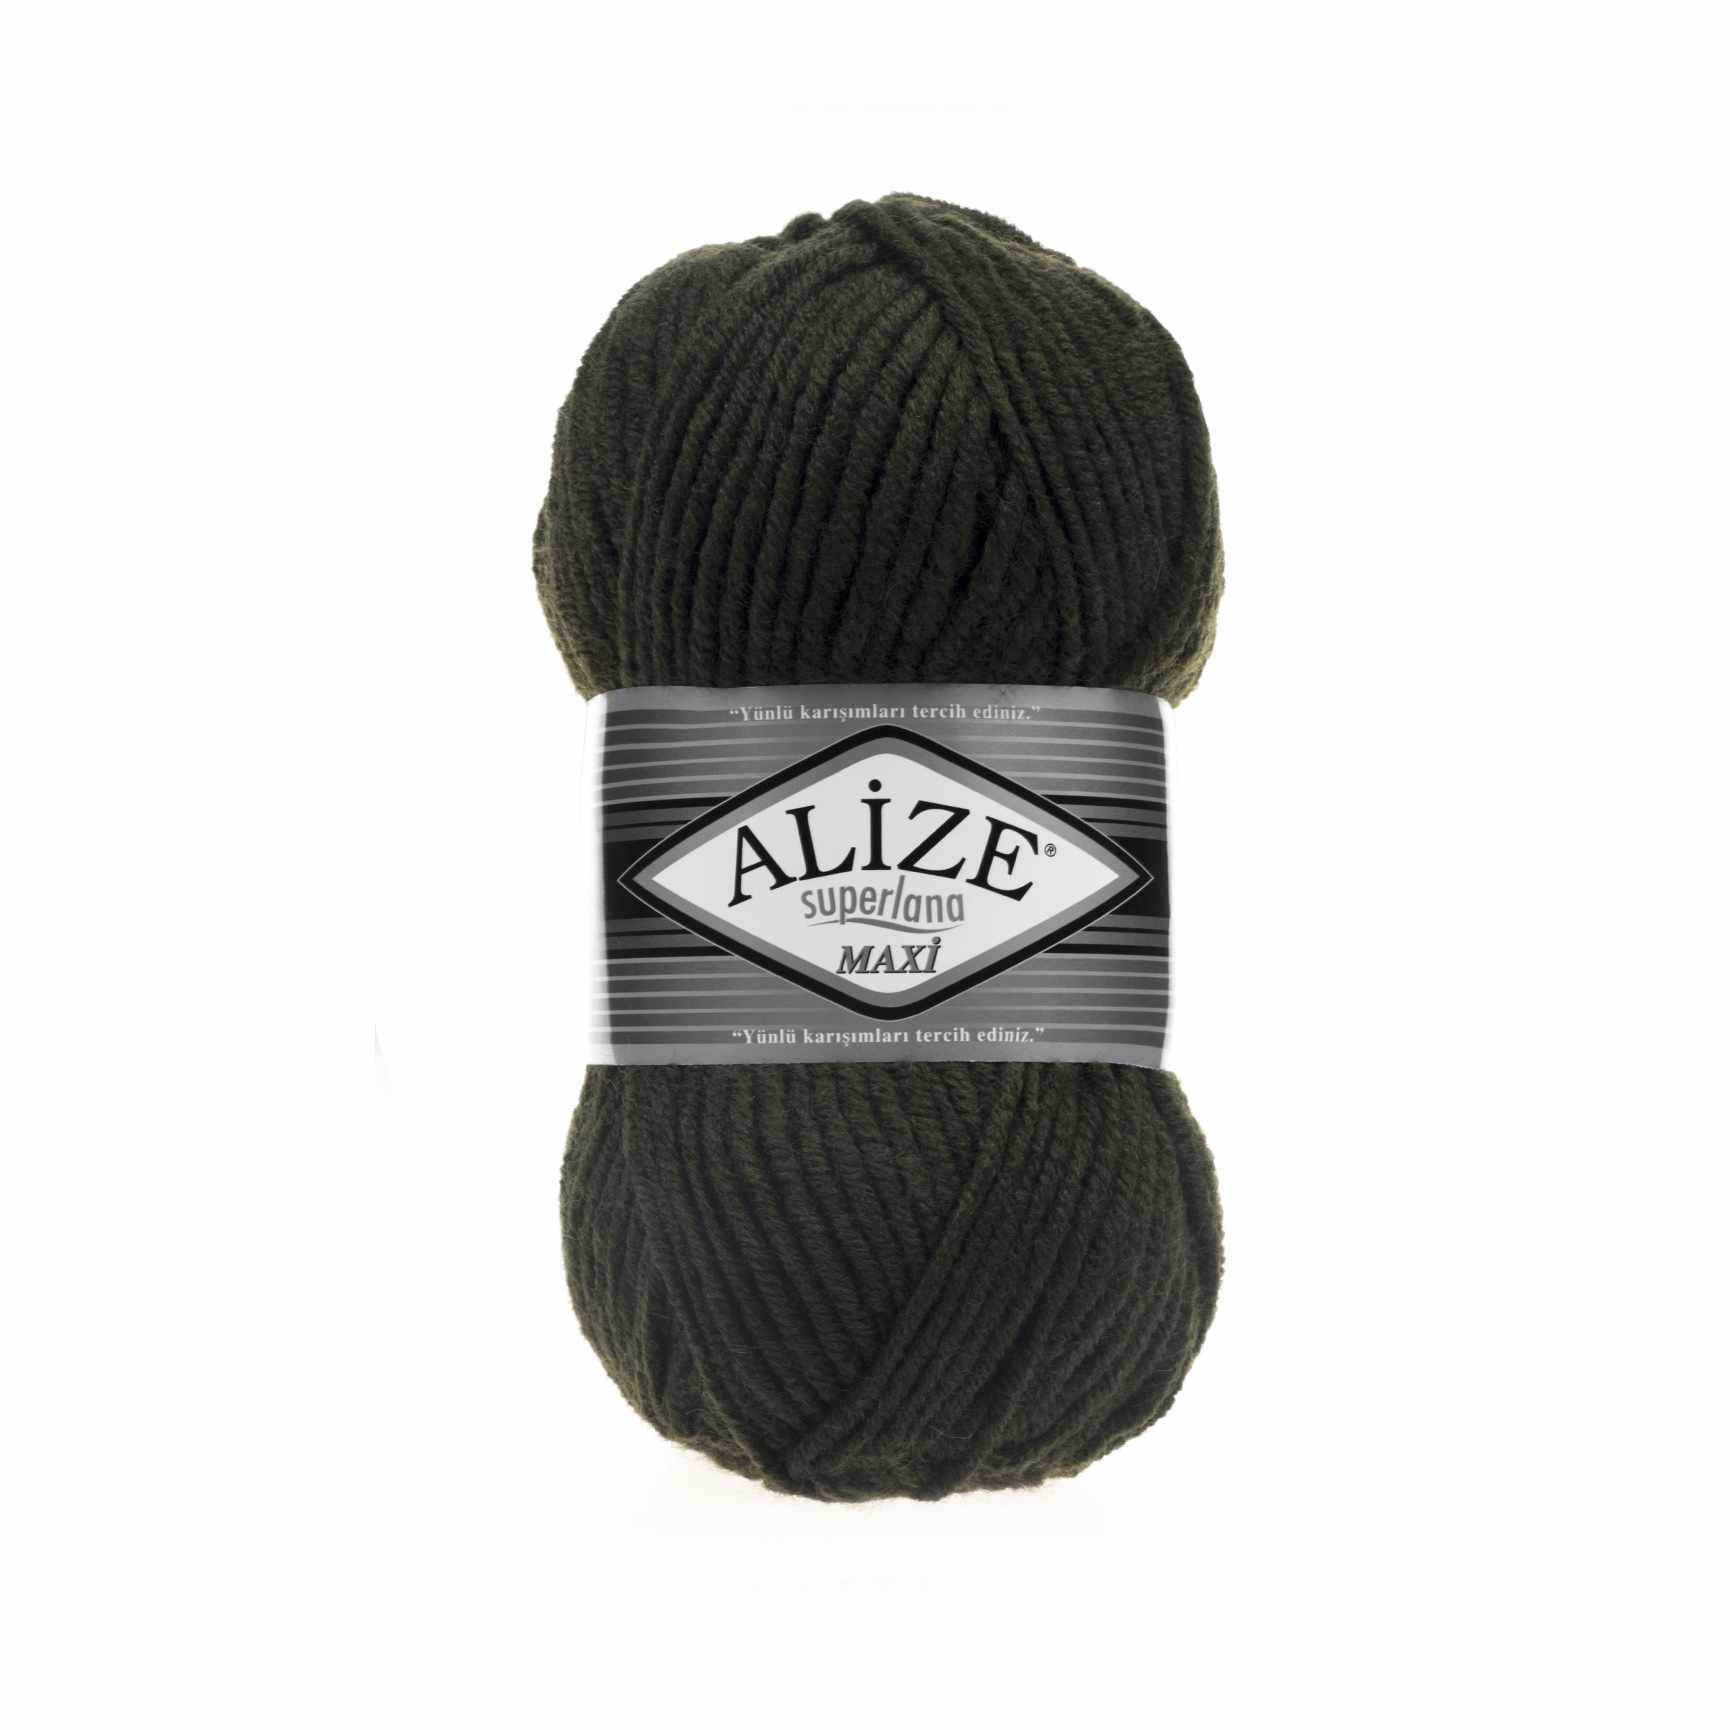 Пряжа Alize Superlana Maxi Цвет.241 Т.болотный